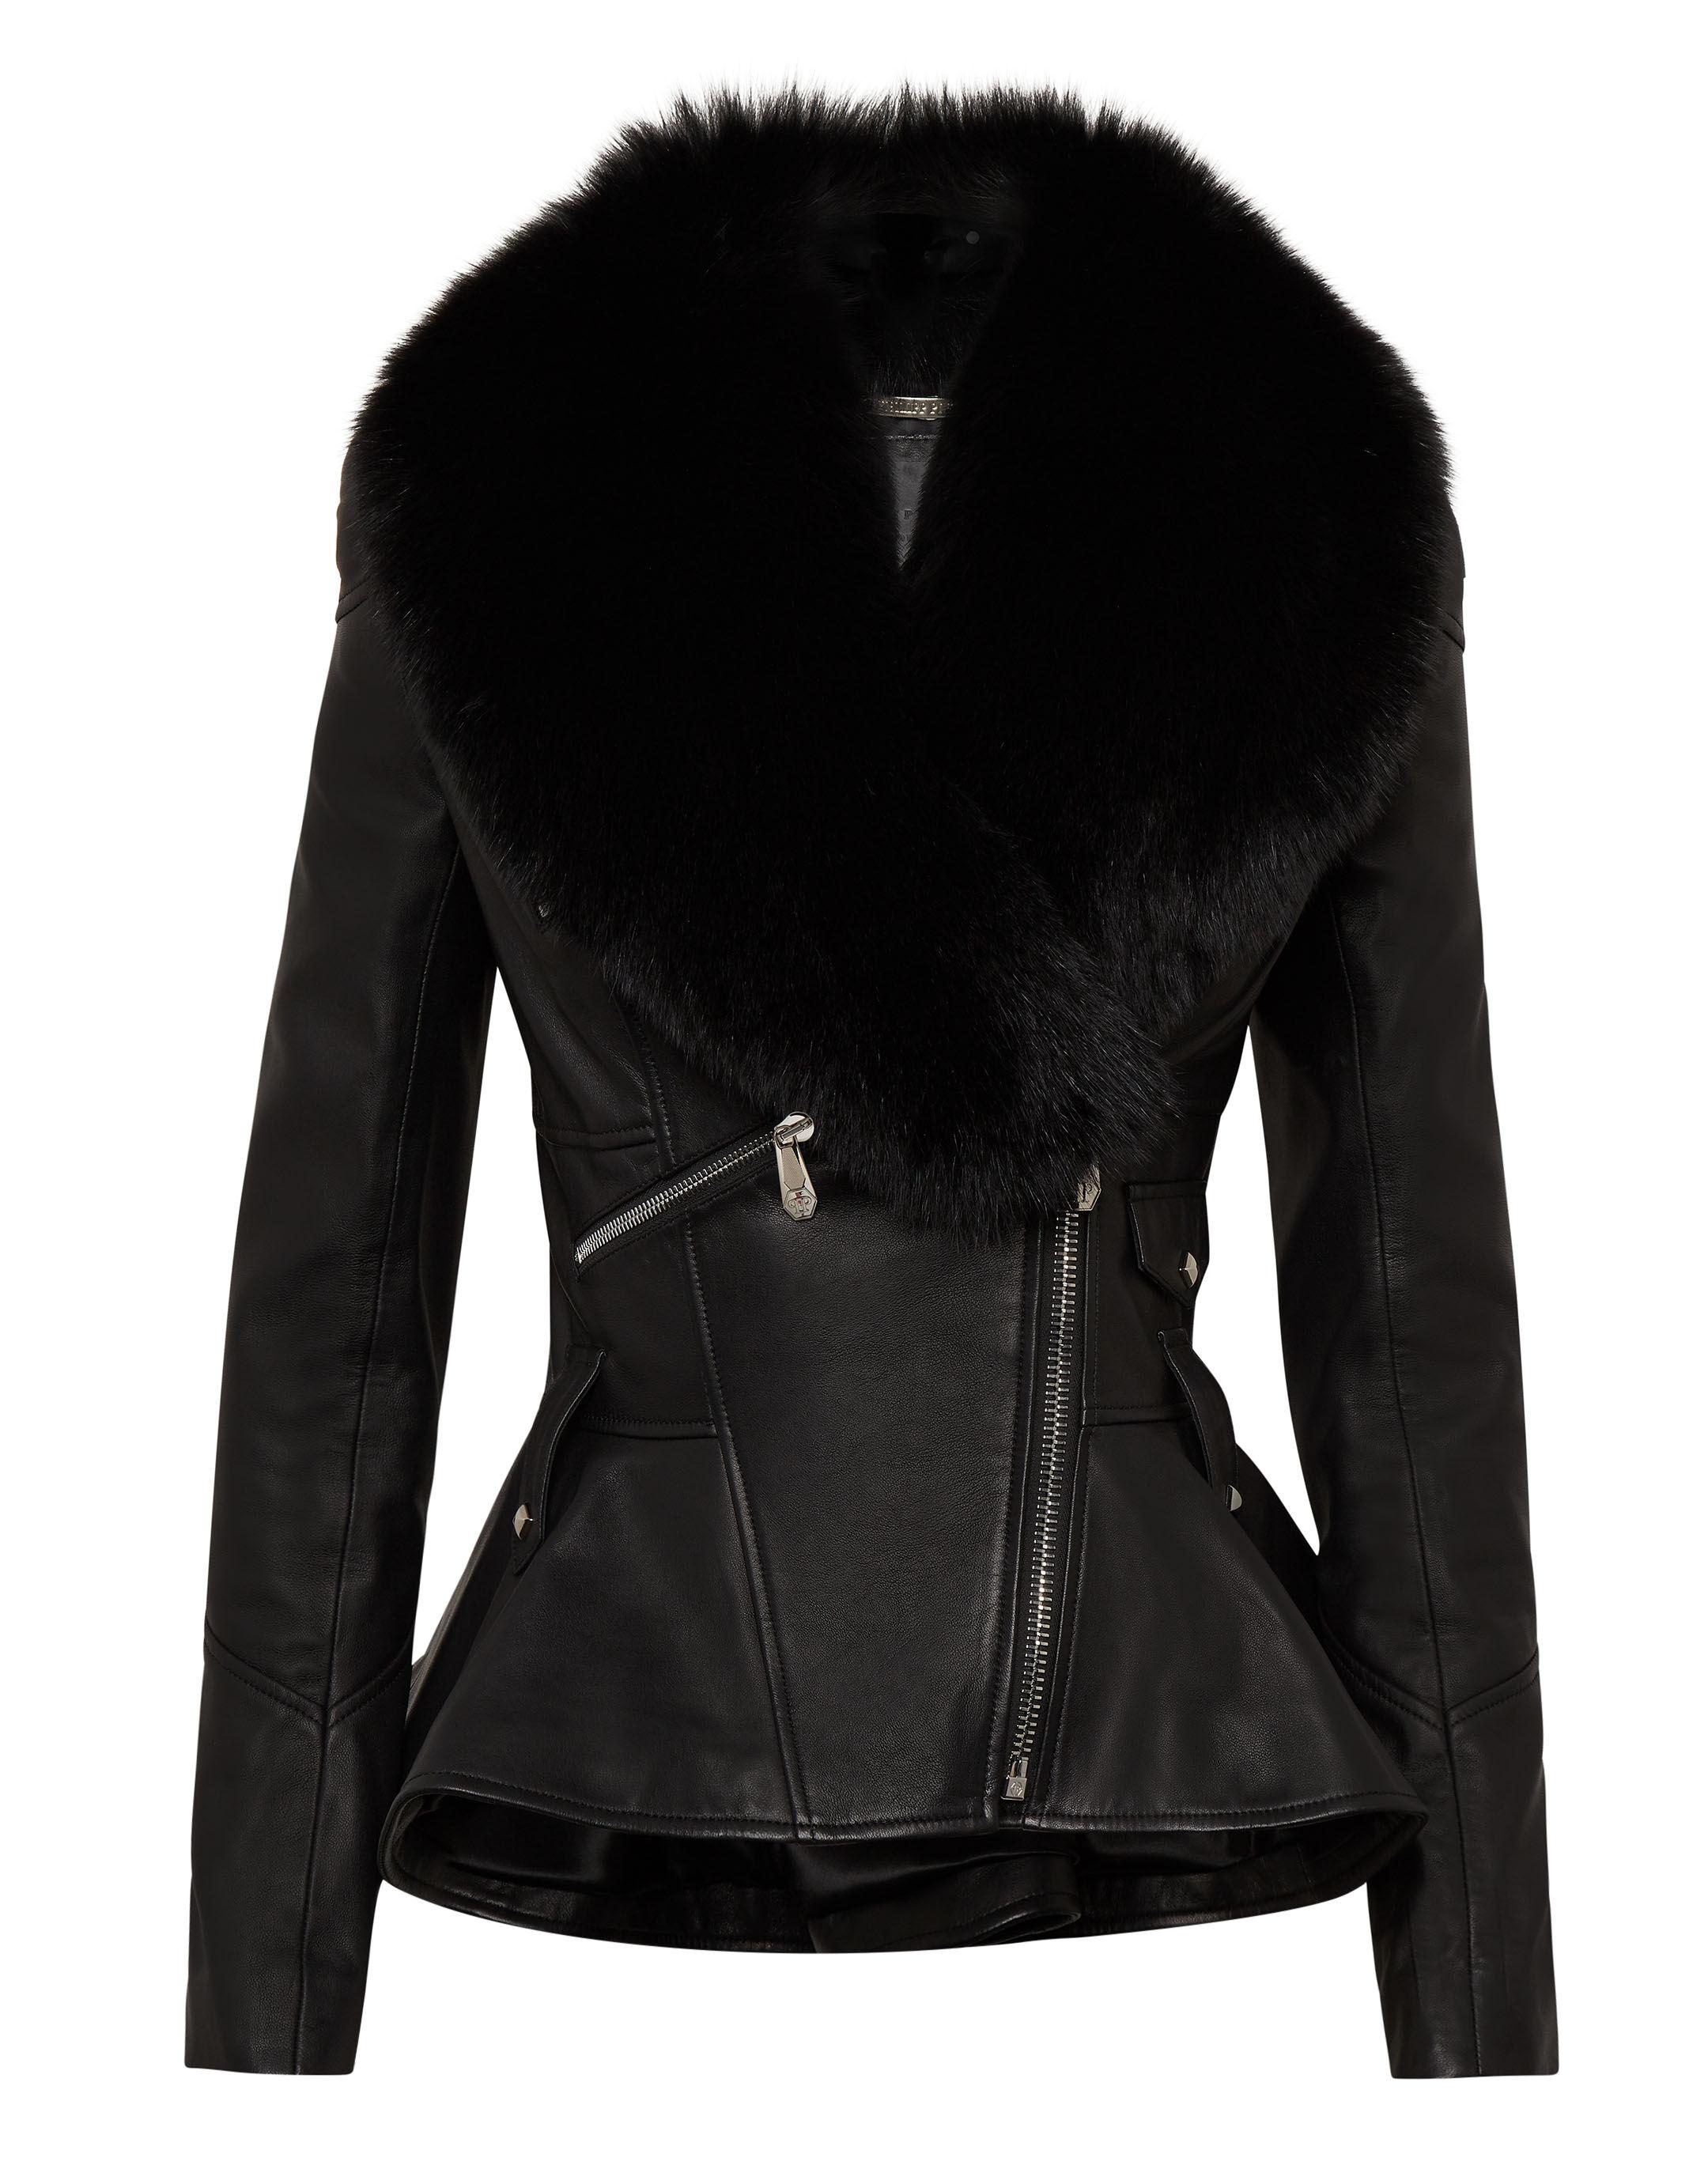 Women's Coats & Jackets | Philipp Plein